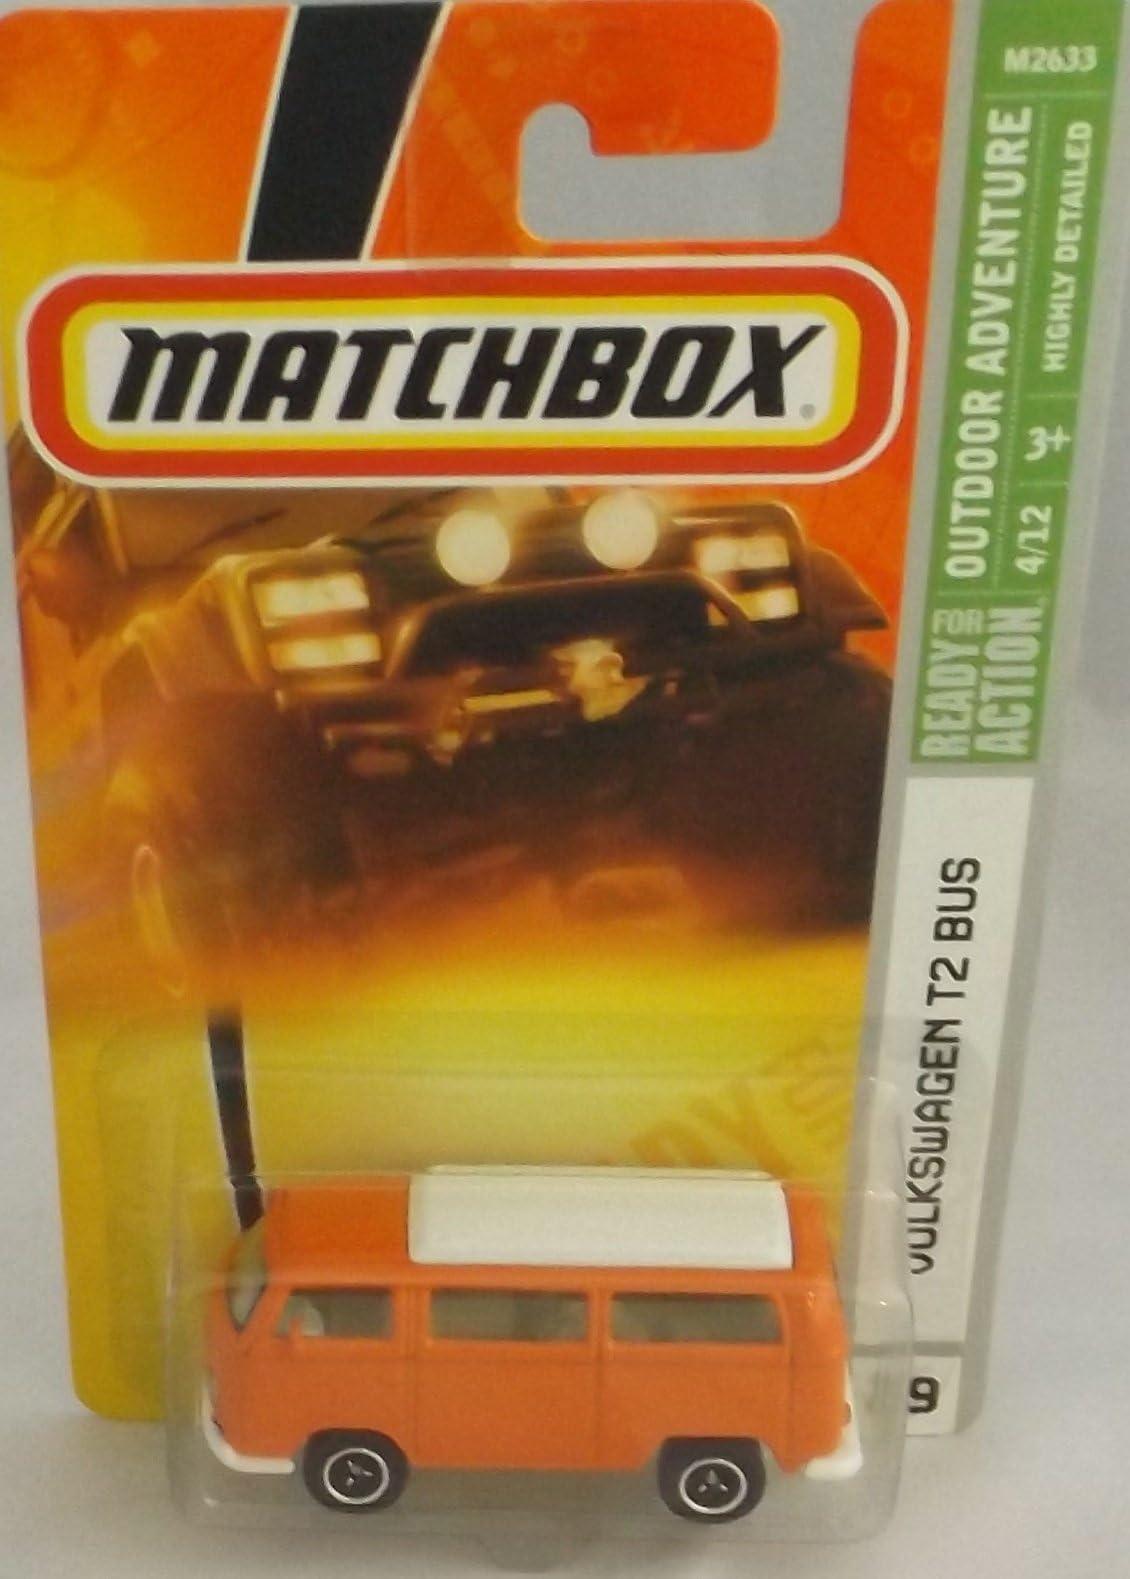 2010 Matchbox Outdoor Sportsman Volkswagen T2 Bus #79 Green